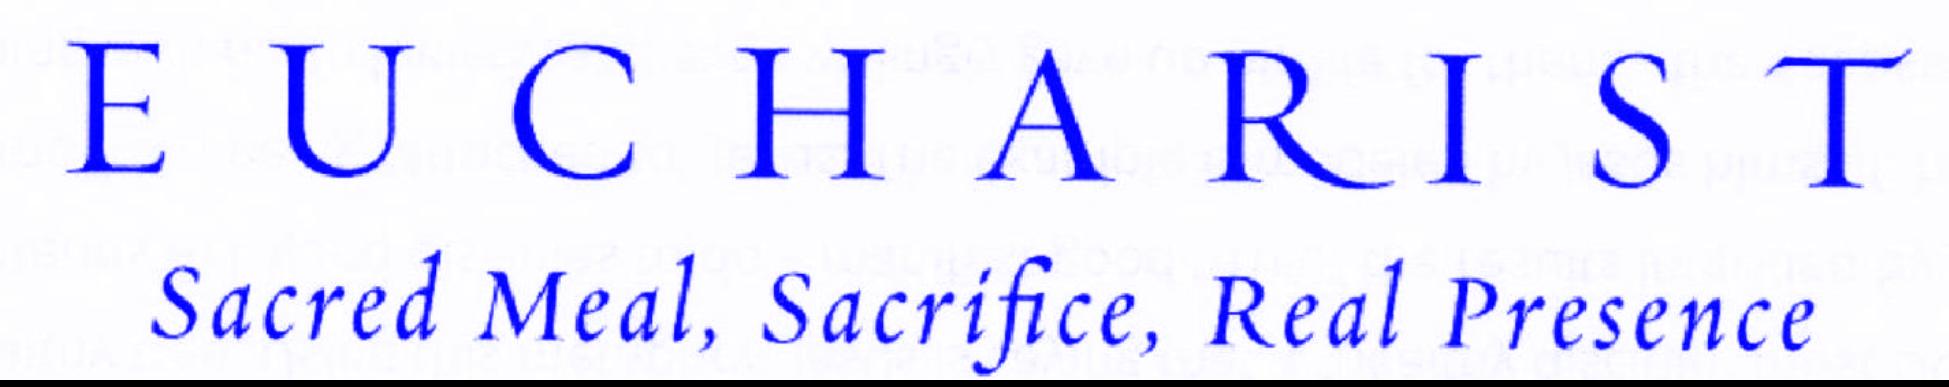 Eucharistic